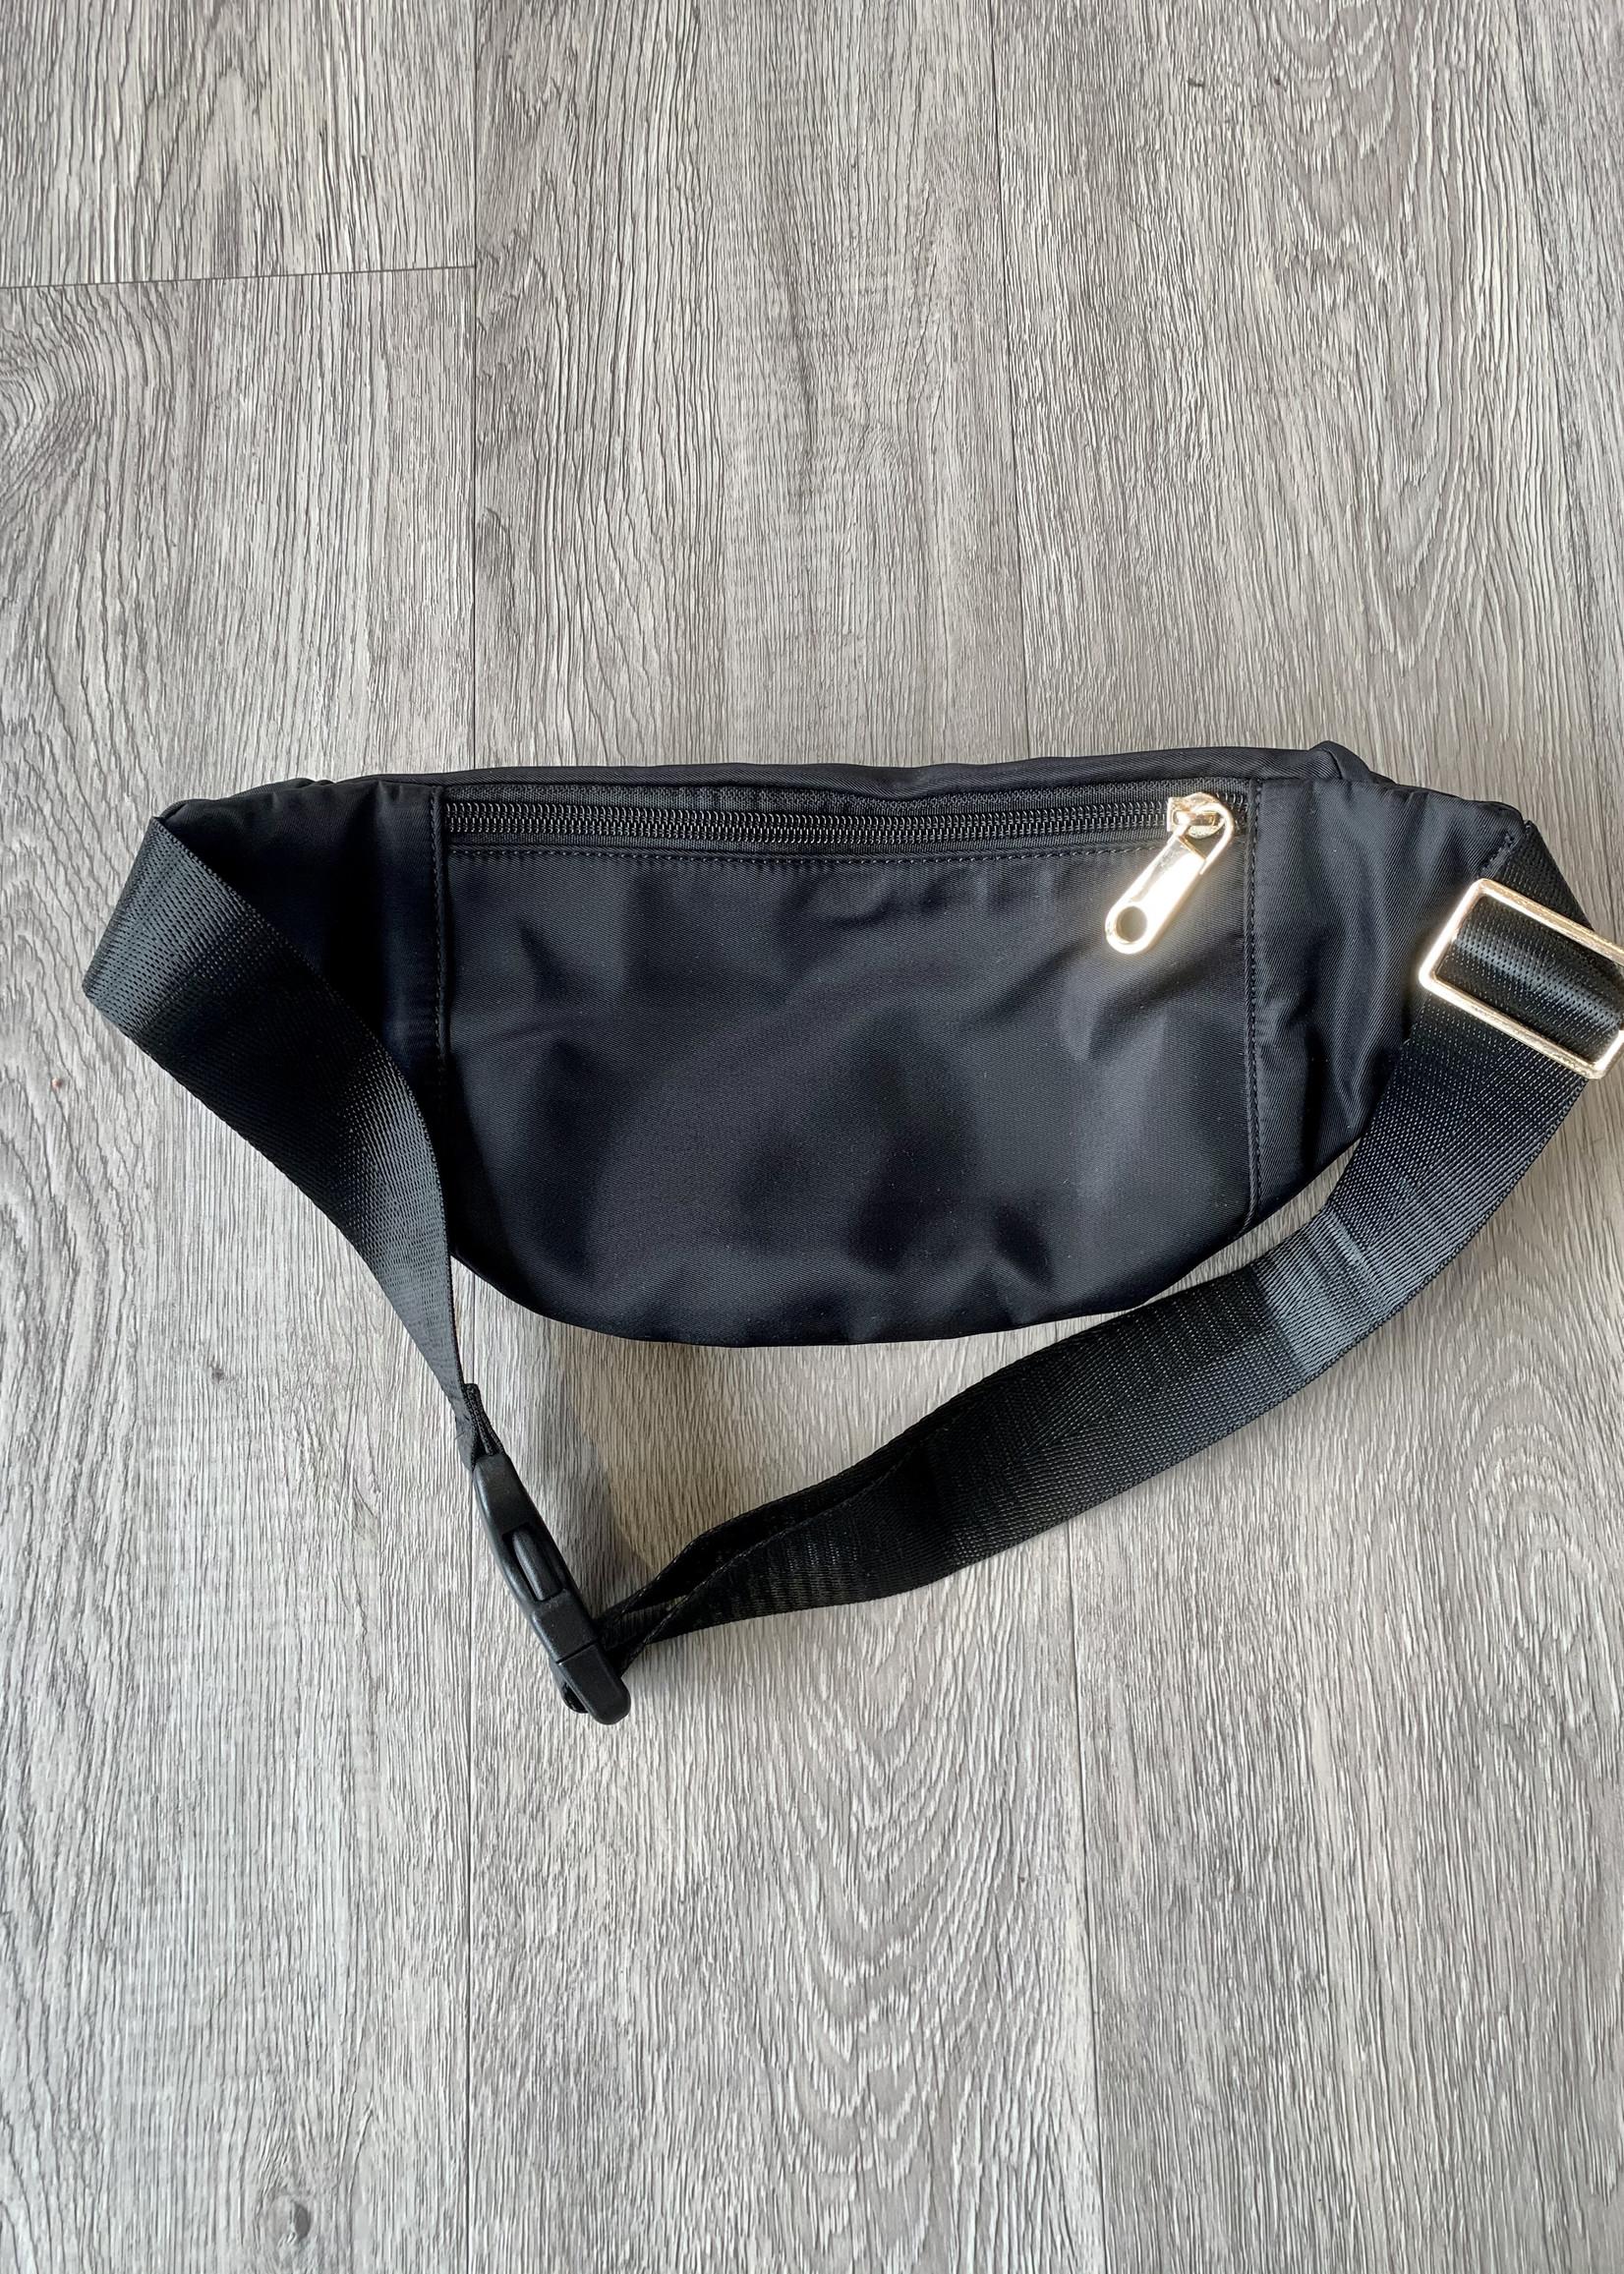 waist pack bag